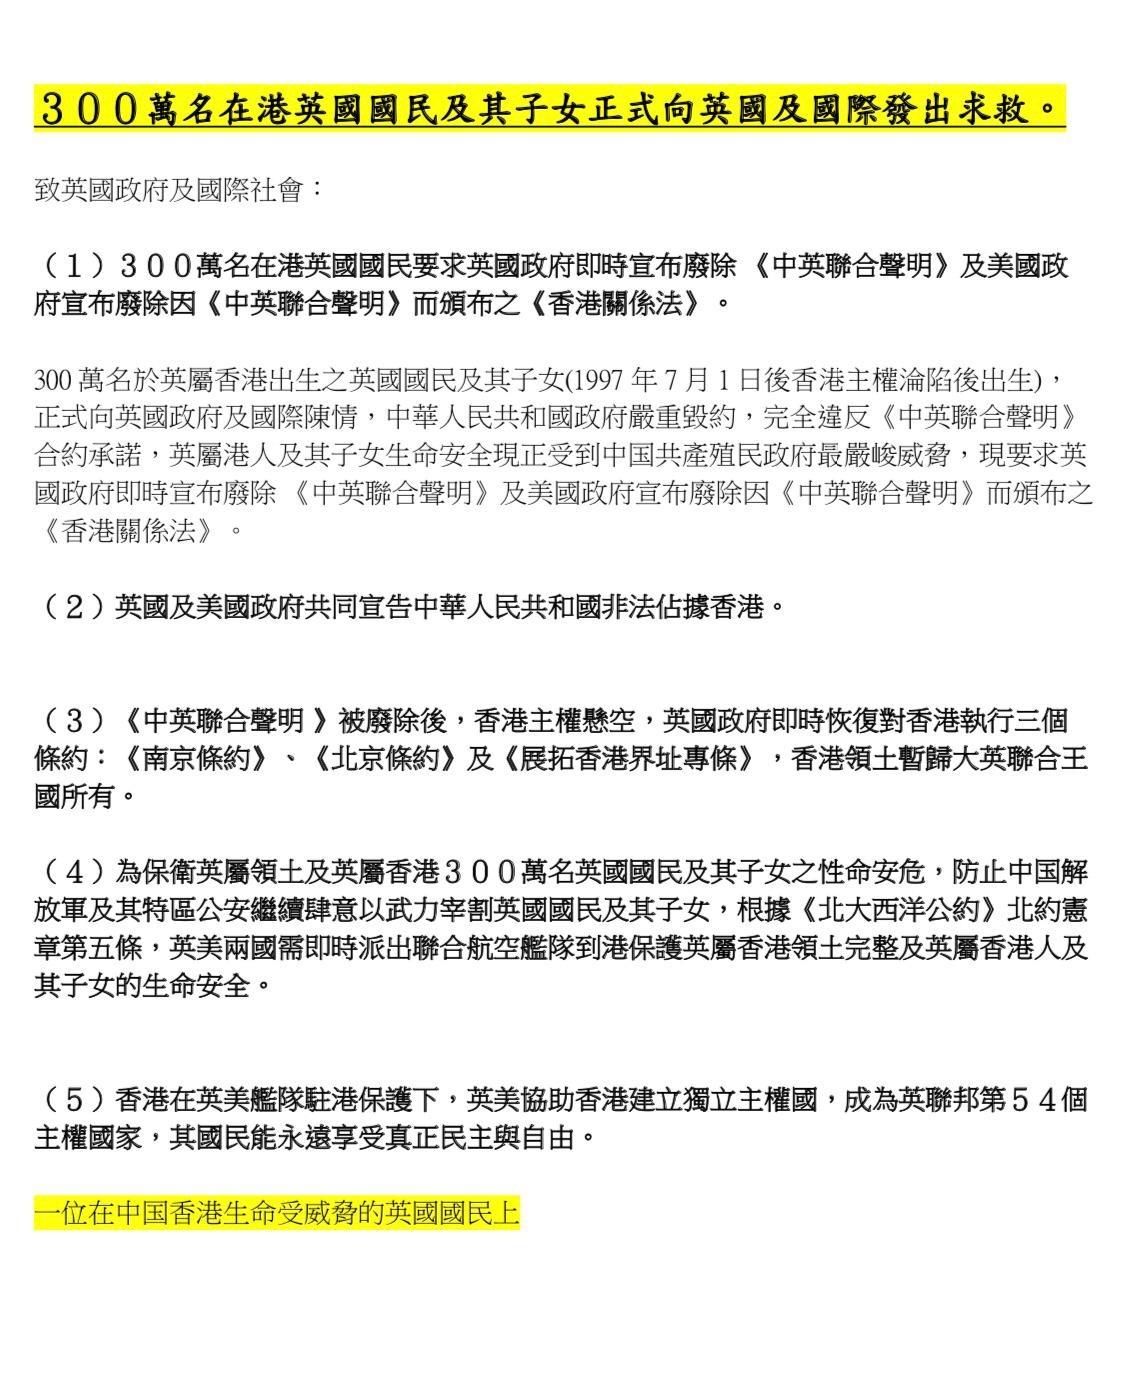 「午夜零時」全港宣讀《香港宣言》 + 300萬在港英國國民向國際求救! | LIHKG 討論區